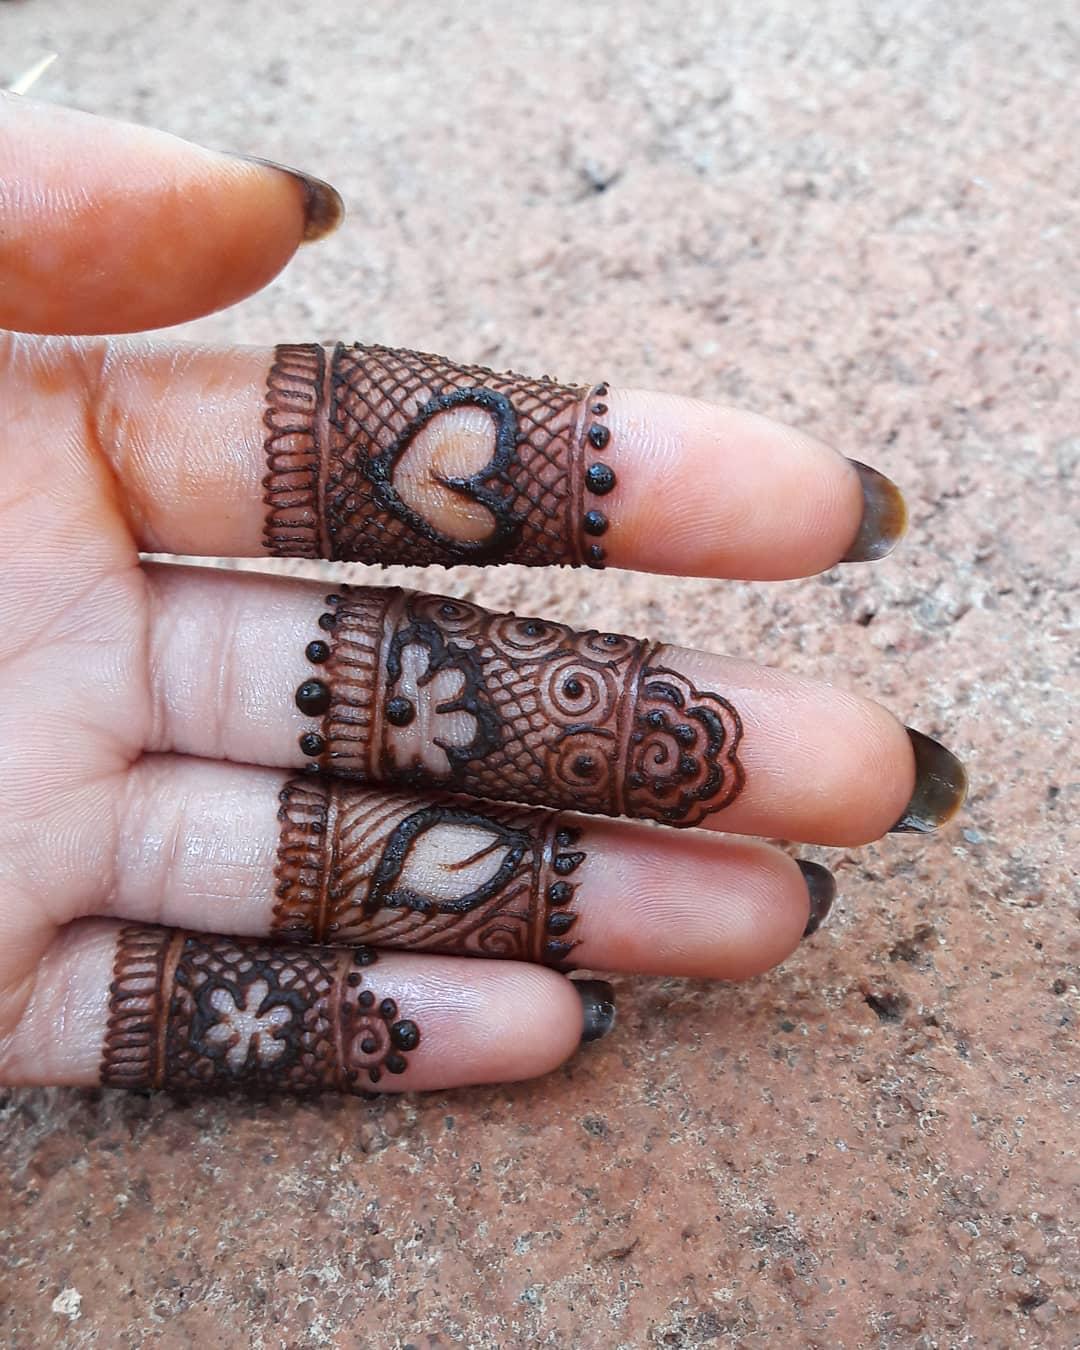 Adorable New Rakshabandhan Mehndi Designs For 2018 | Simple & Easy Rakshabandhan Mehndi Design To Try This Year | Simple Mehndi Designs For Beginners | Latest Rakhi Mehandi Designs | Elegant Mehndi Designs | Fingers Mehndi Minimal